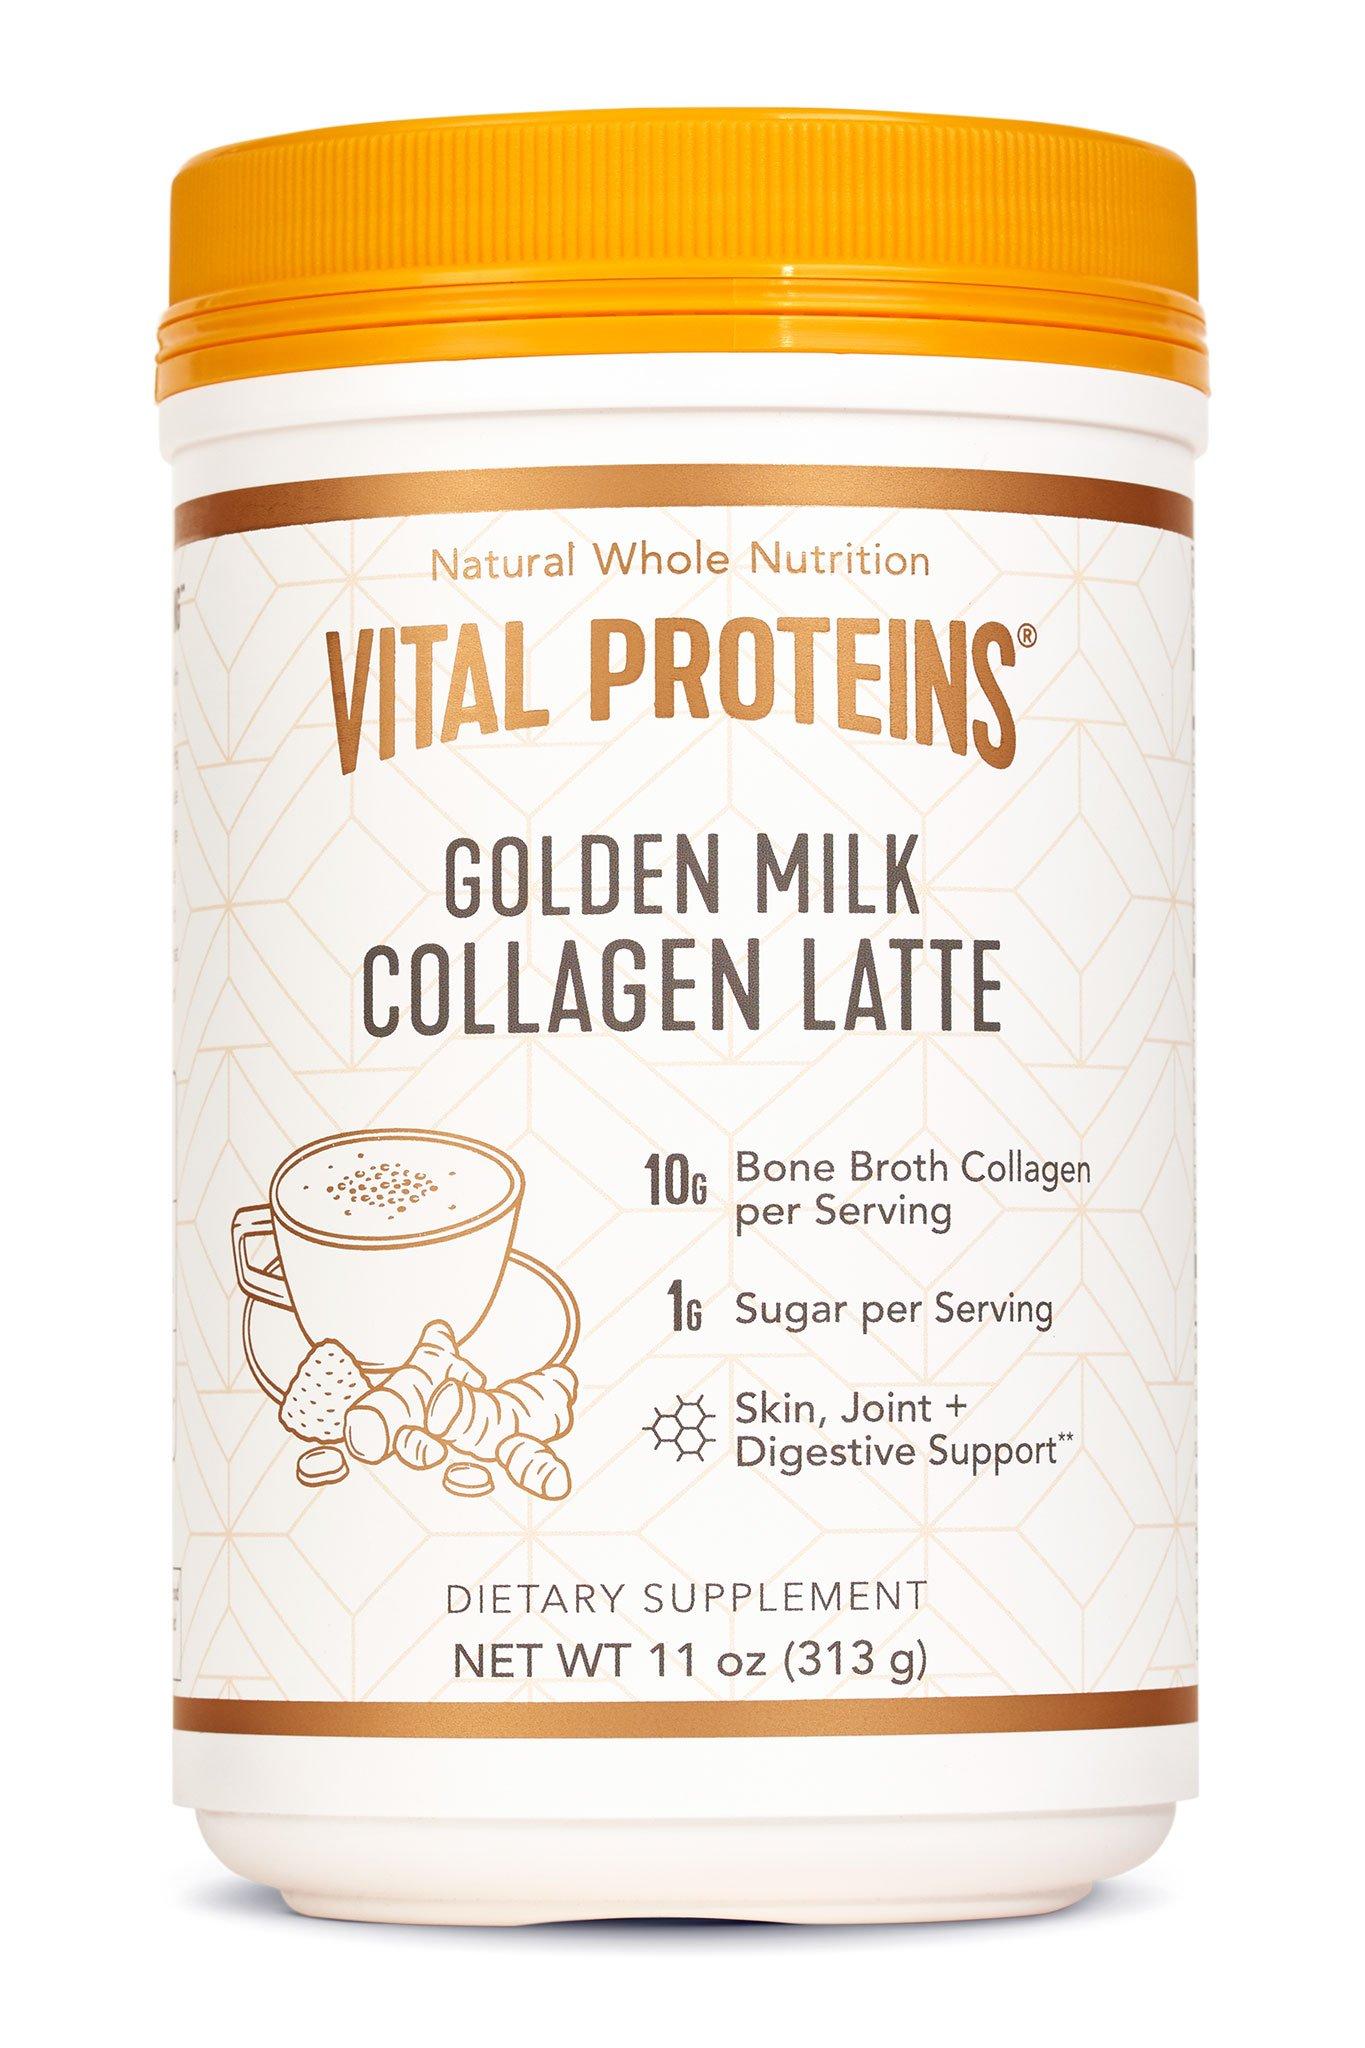 Vital Proteins Golden Milk Collagen Latte 11 oz.jpg